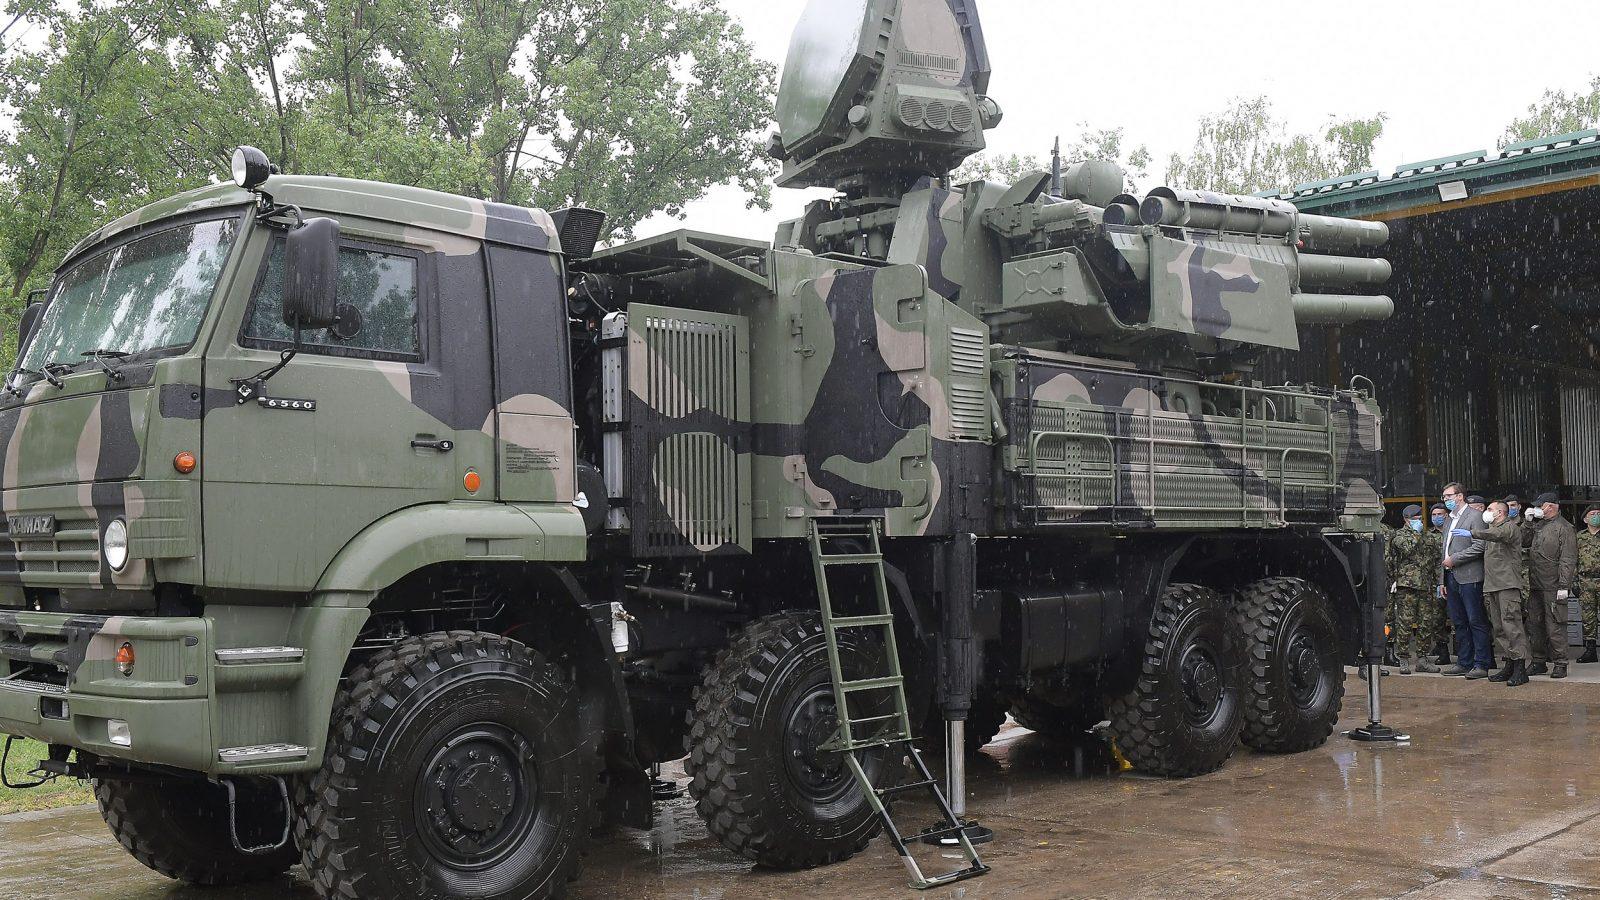 Vučić u Jakovu: Vraćeno ime Trećem raketnom divizionu, nastavlja se opremanje, uskoro stižu kineske bespilotne letelice, u oktobru velika vežba RV i PVO